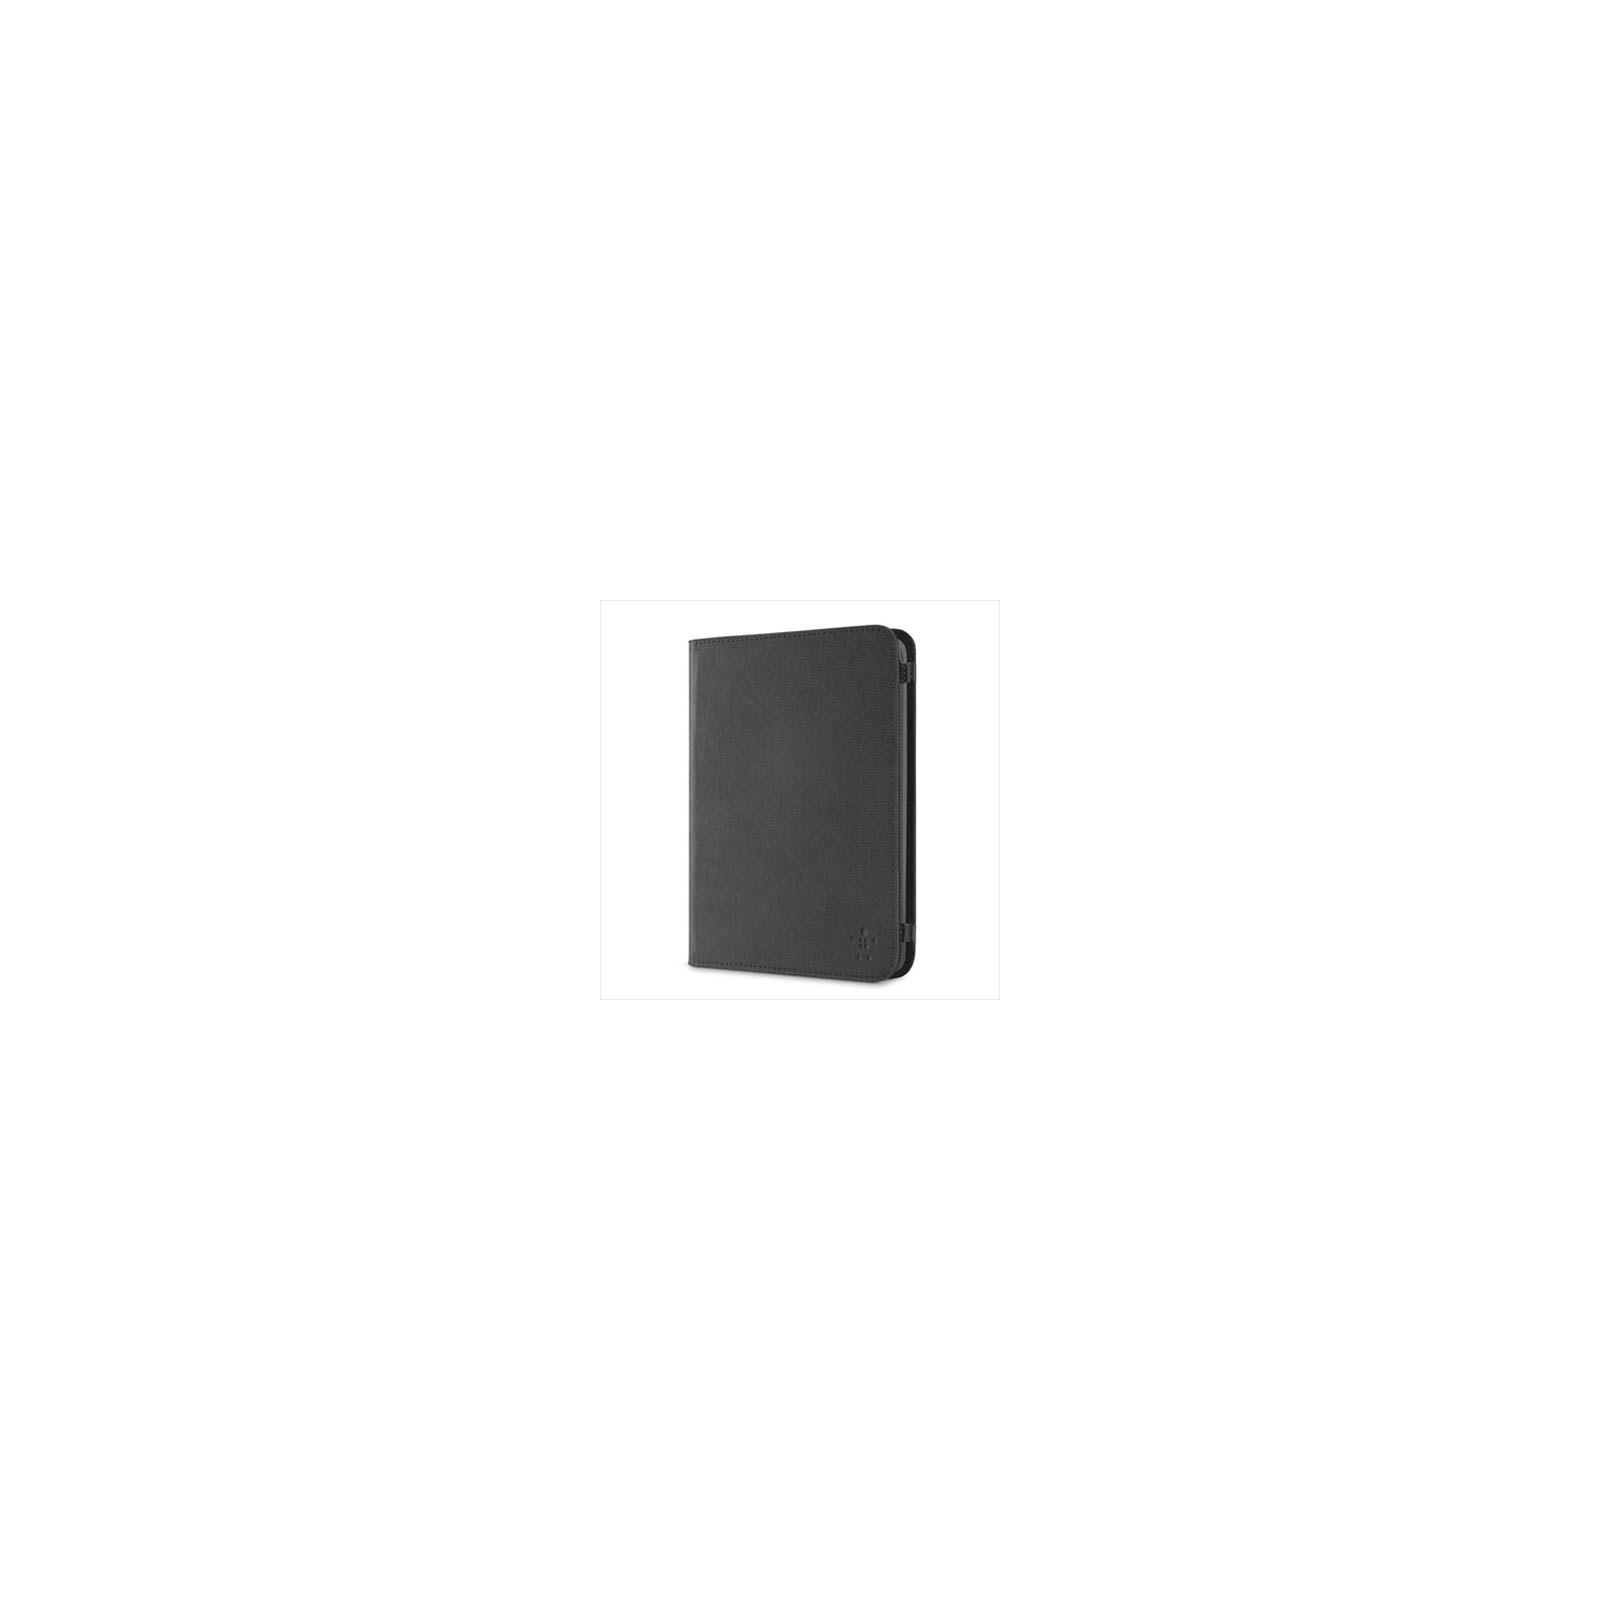 Чехол для планшета Belkin 7 Kindle Fire HD Classic Cover (F8N882vfC00)